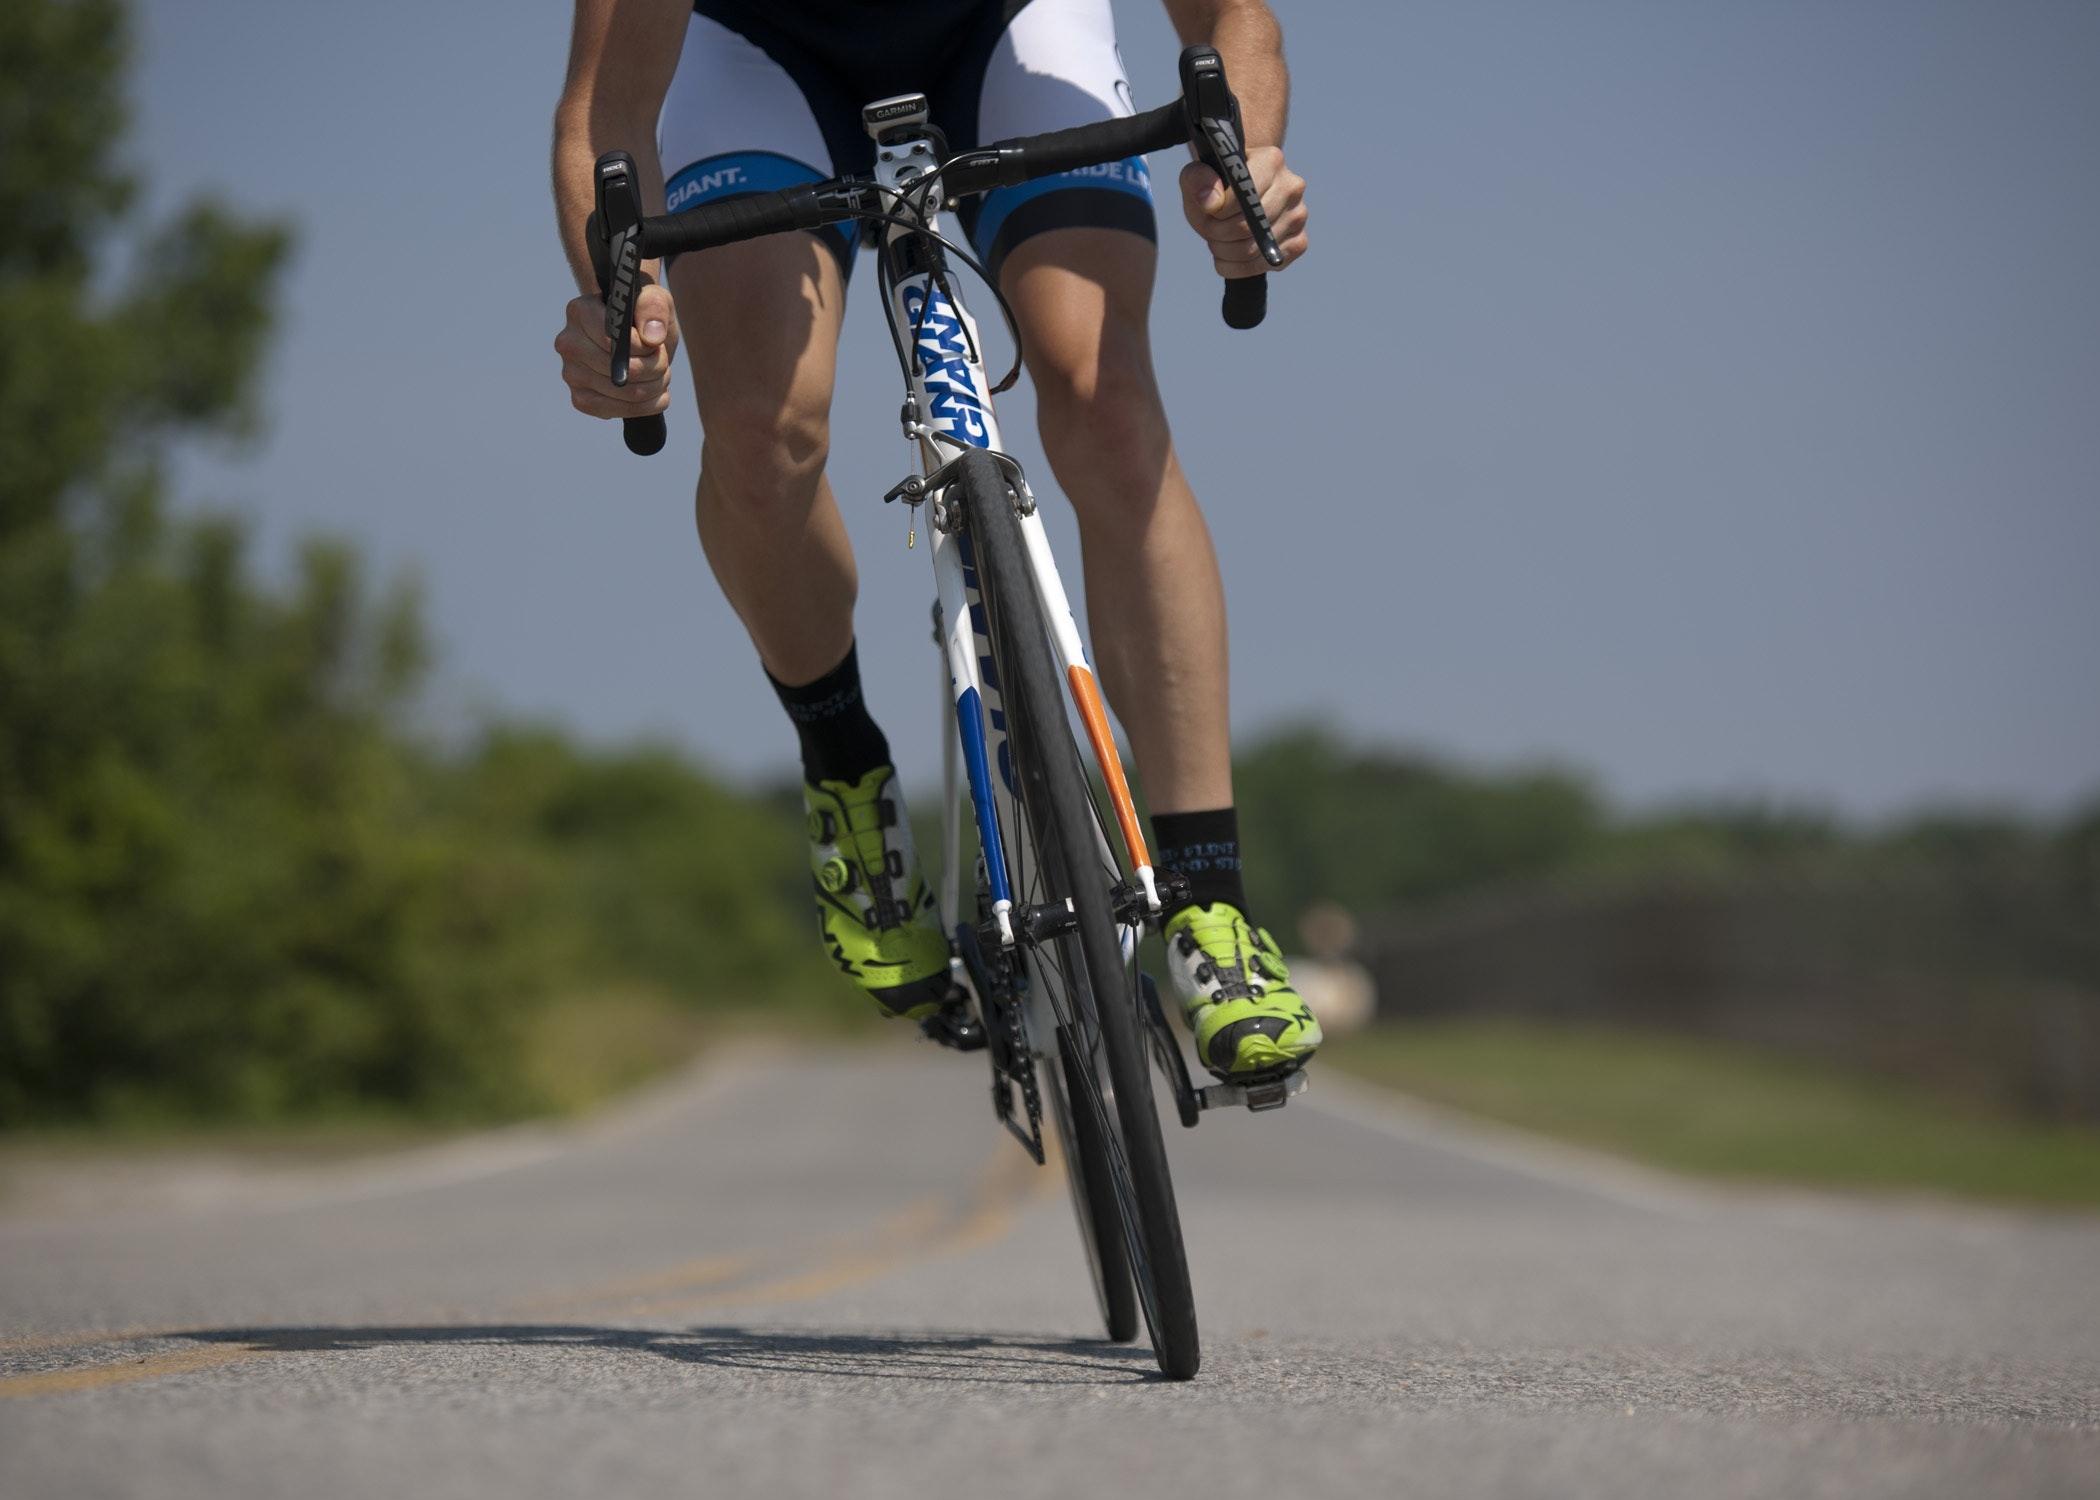 Pessoa andando de bicicleta com roupas e sapatilhas específicas para ciclismo